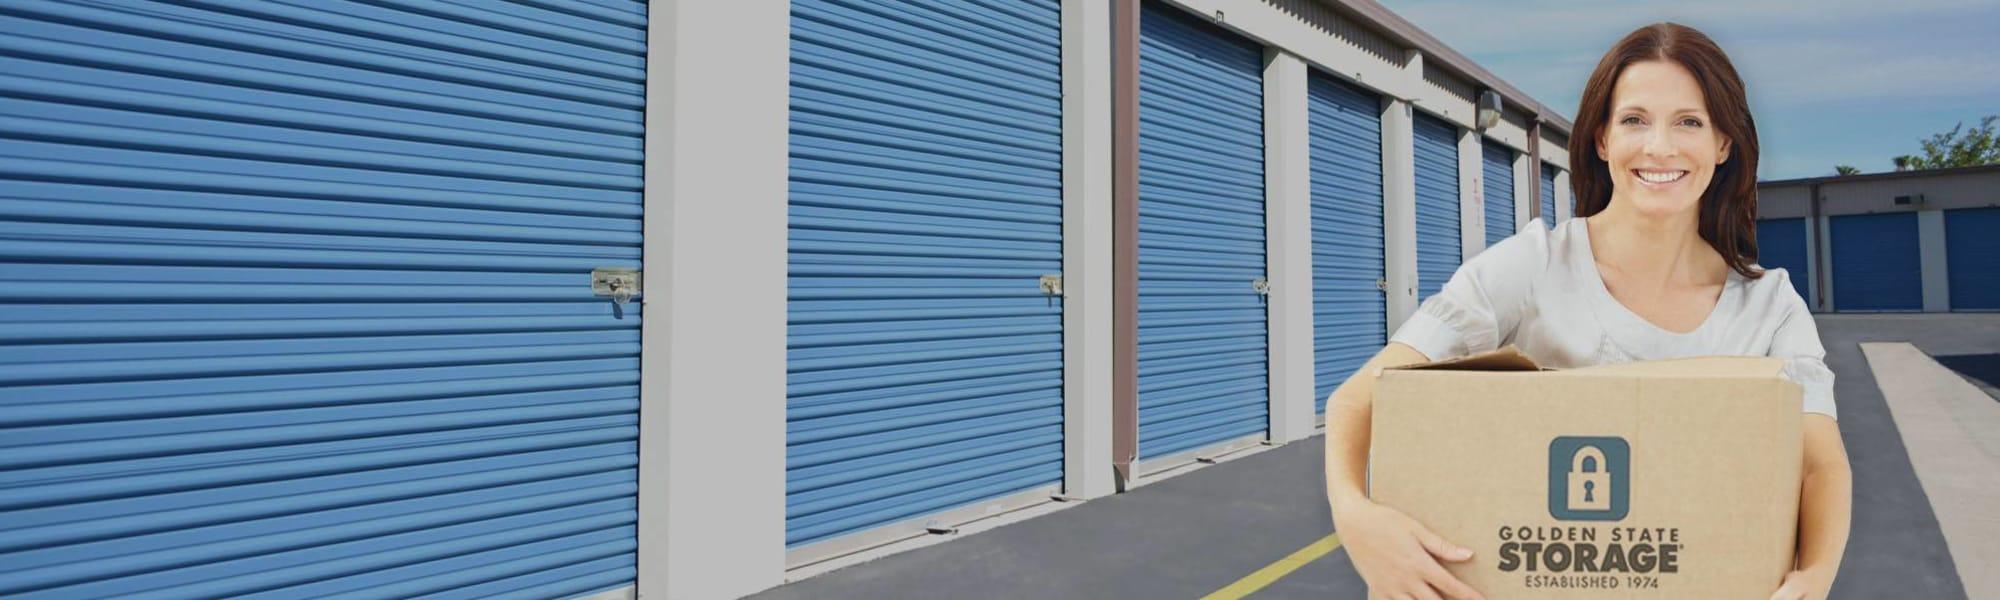 RV & Boat storage at Golden State Storage Cadence in Henderson, Nevada